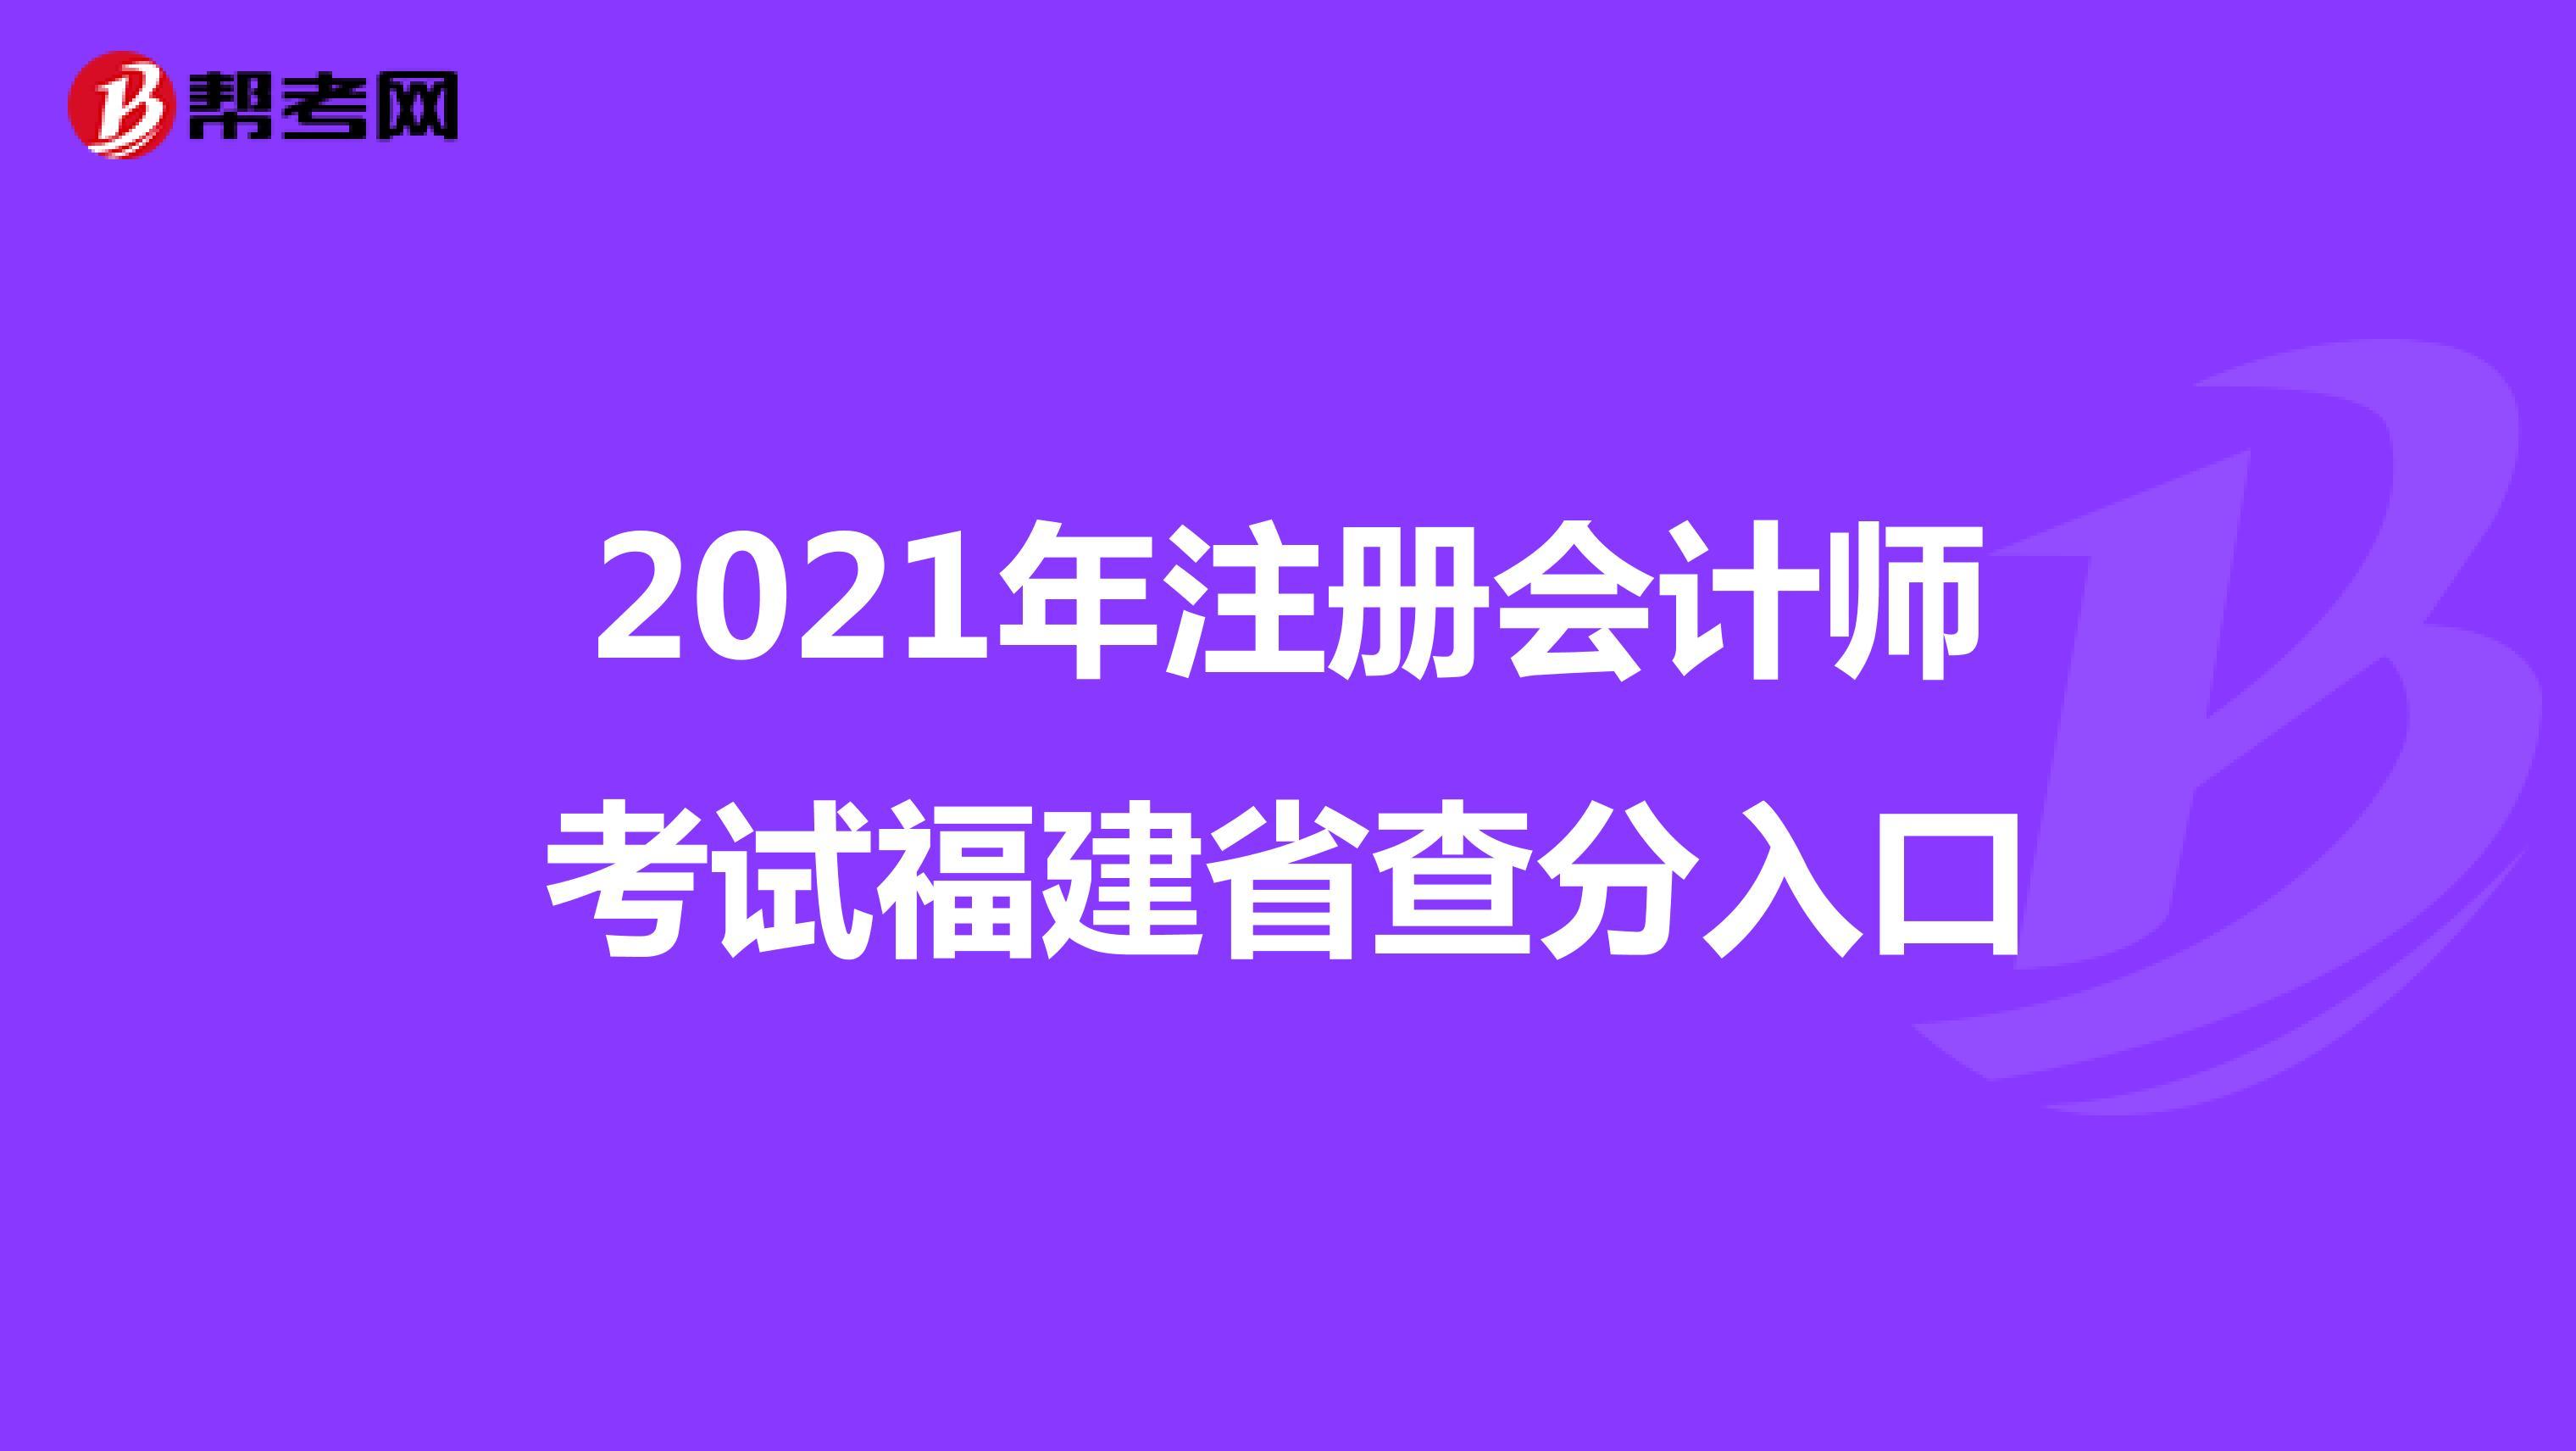 2021年【hot88热竞技提款】注册会计师考试福建省查分入口